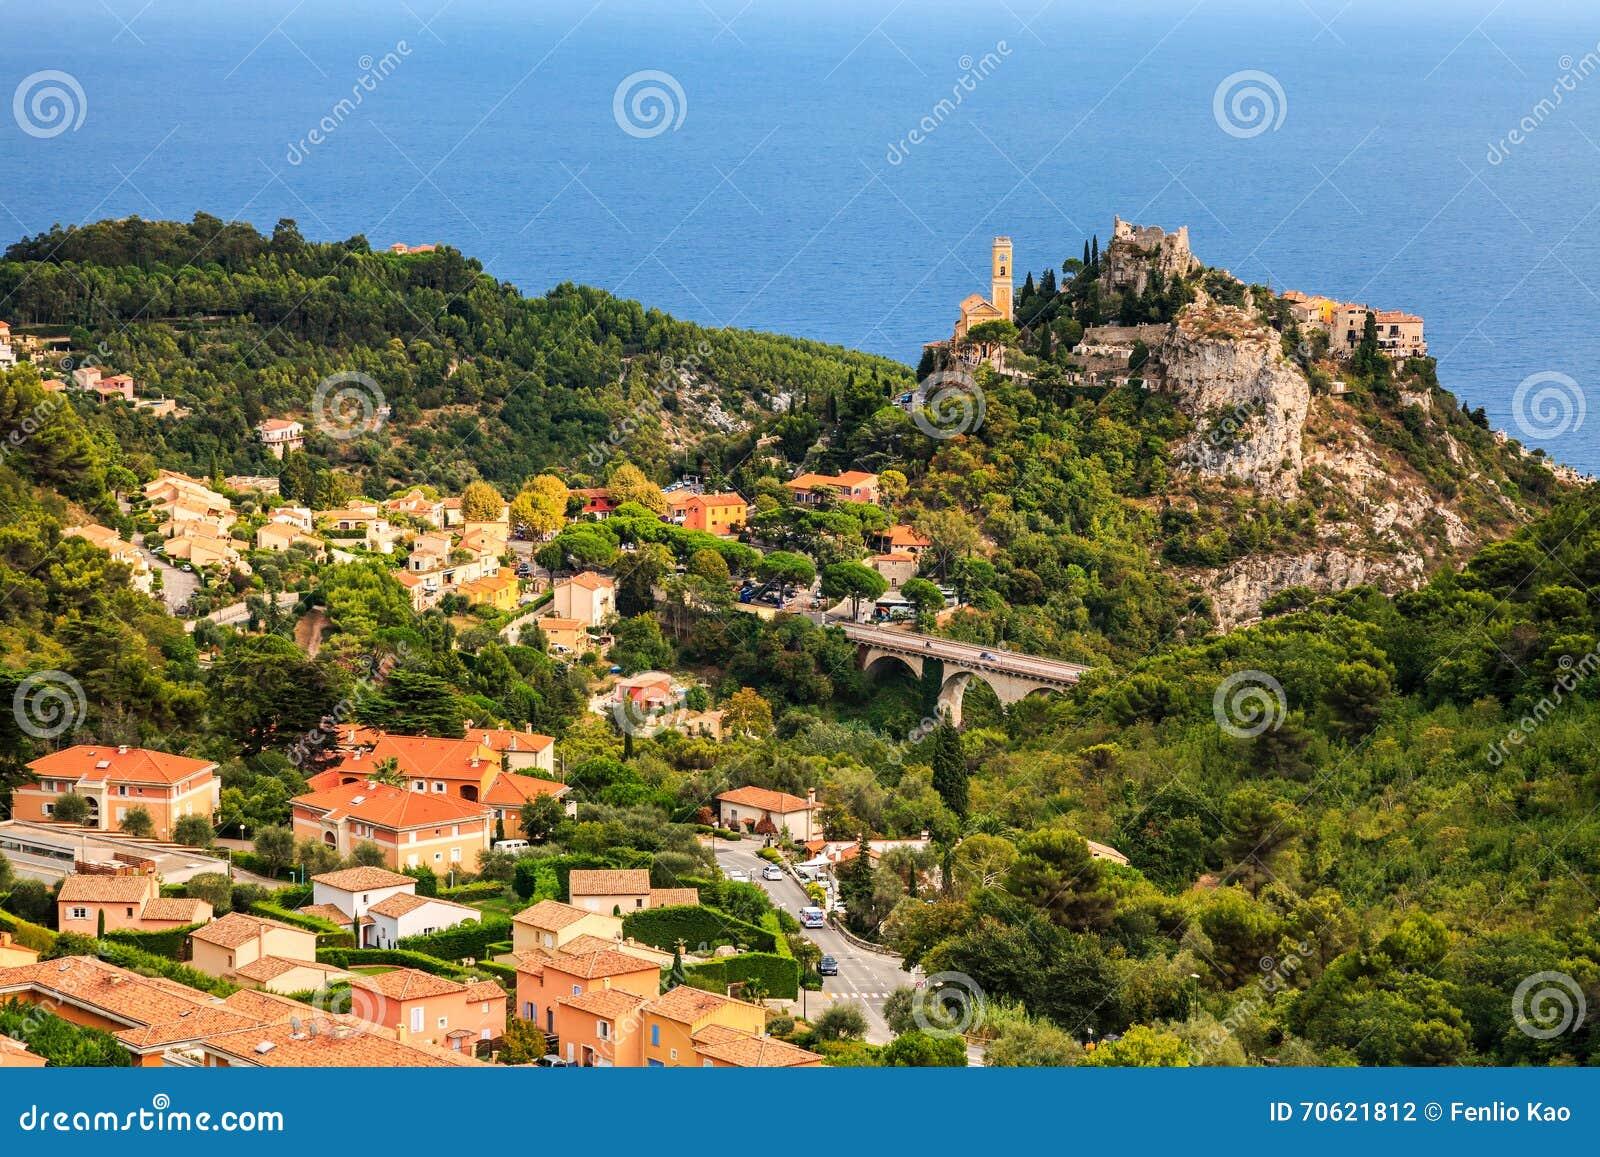 Eze est un petit vieux village dans le département d Alpes-Maritimes dans des Frances du sud, pas loin de Nice